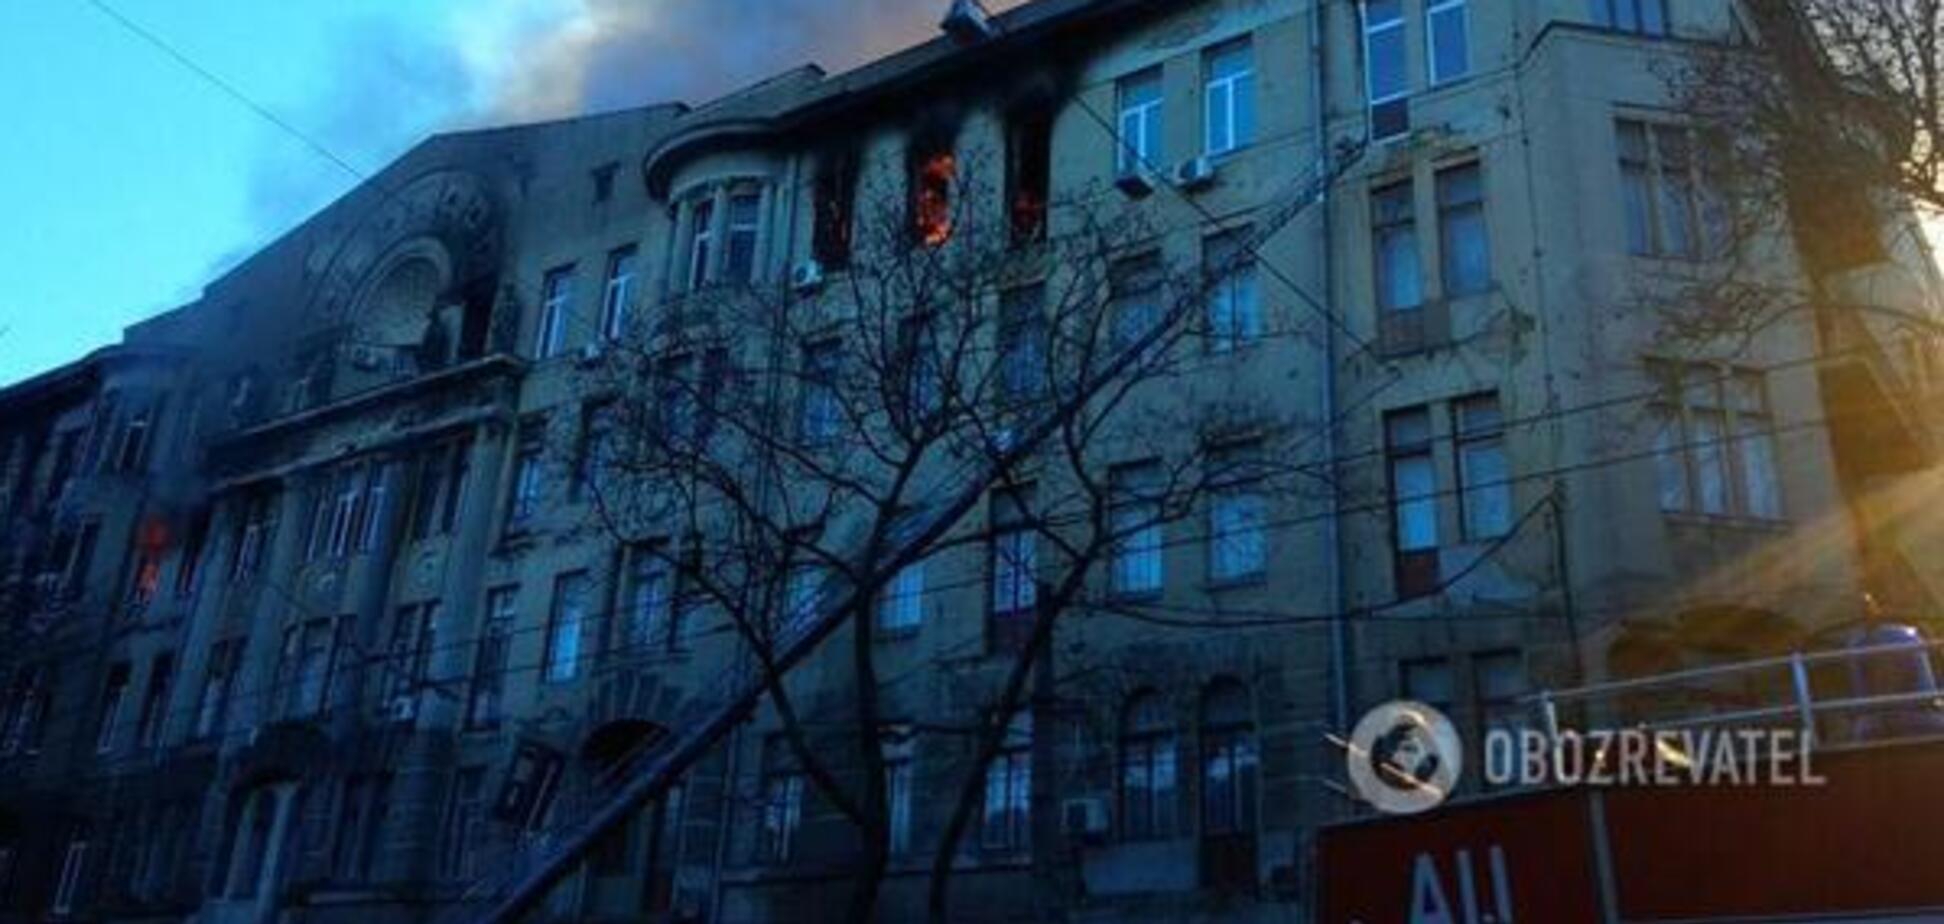 Суд в Одессе арестовал имущество сгоревшего колледжа